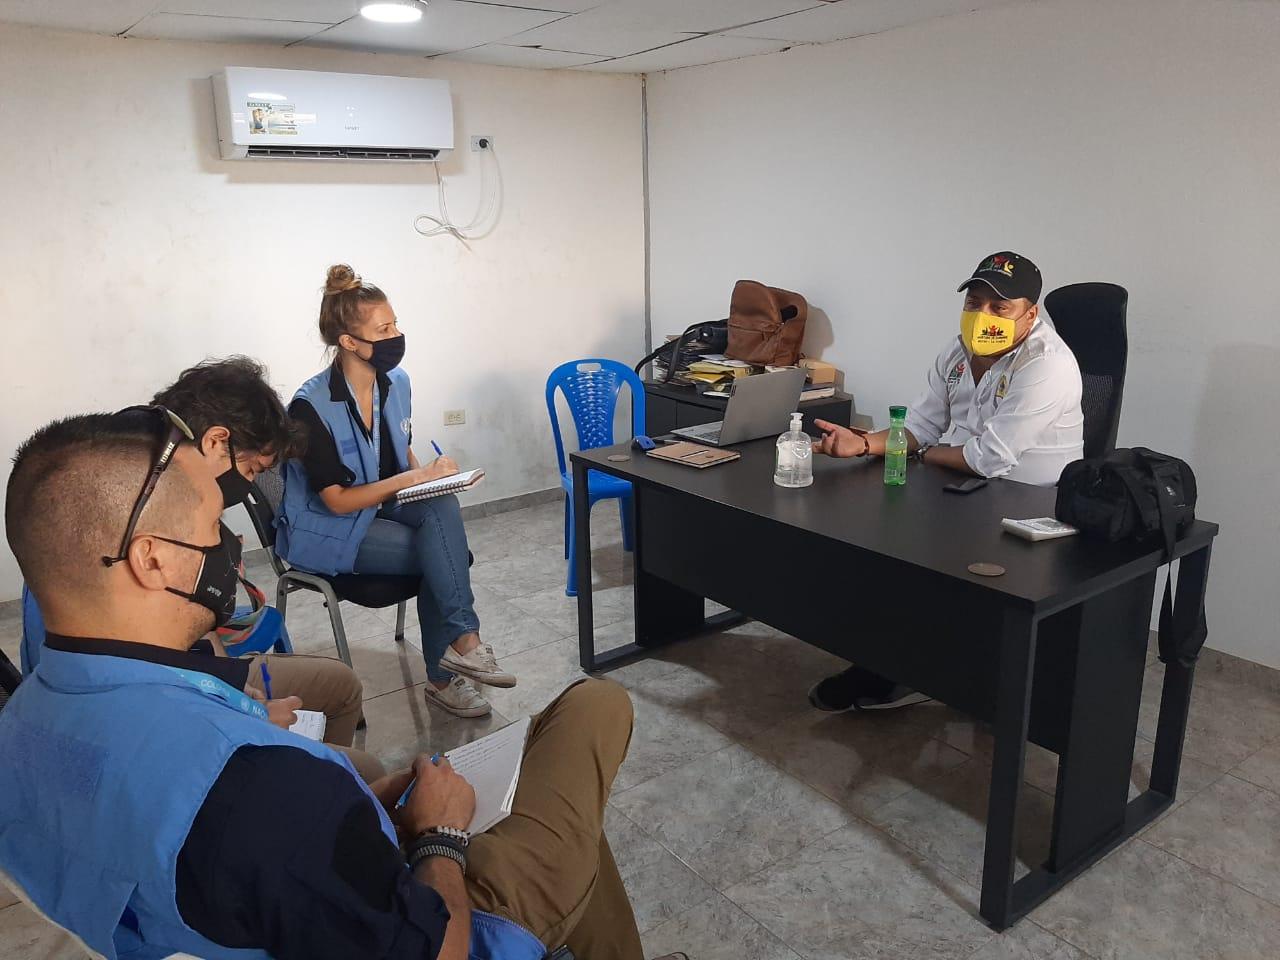 hoyennoticia.com, ONU ayudará a Maicao con migrantes y excombatientes